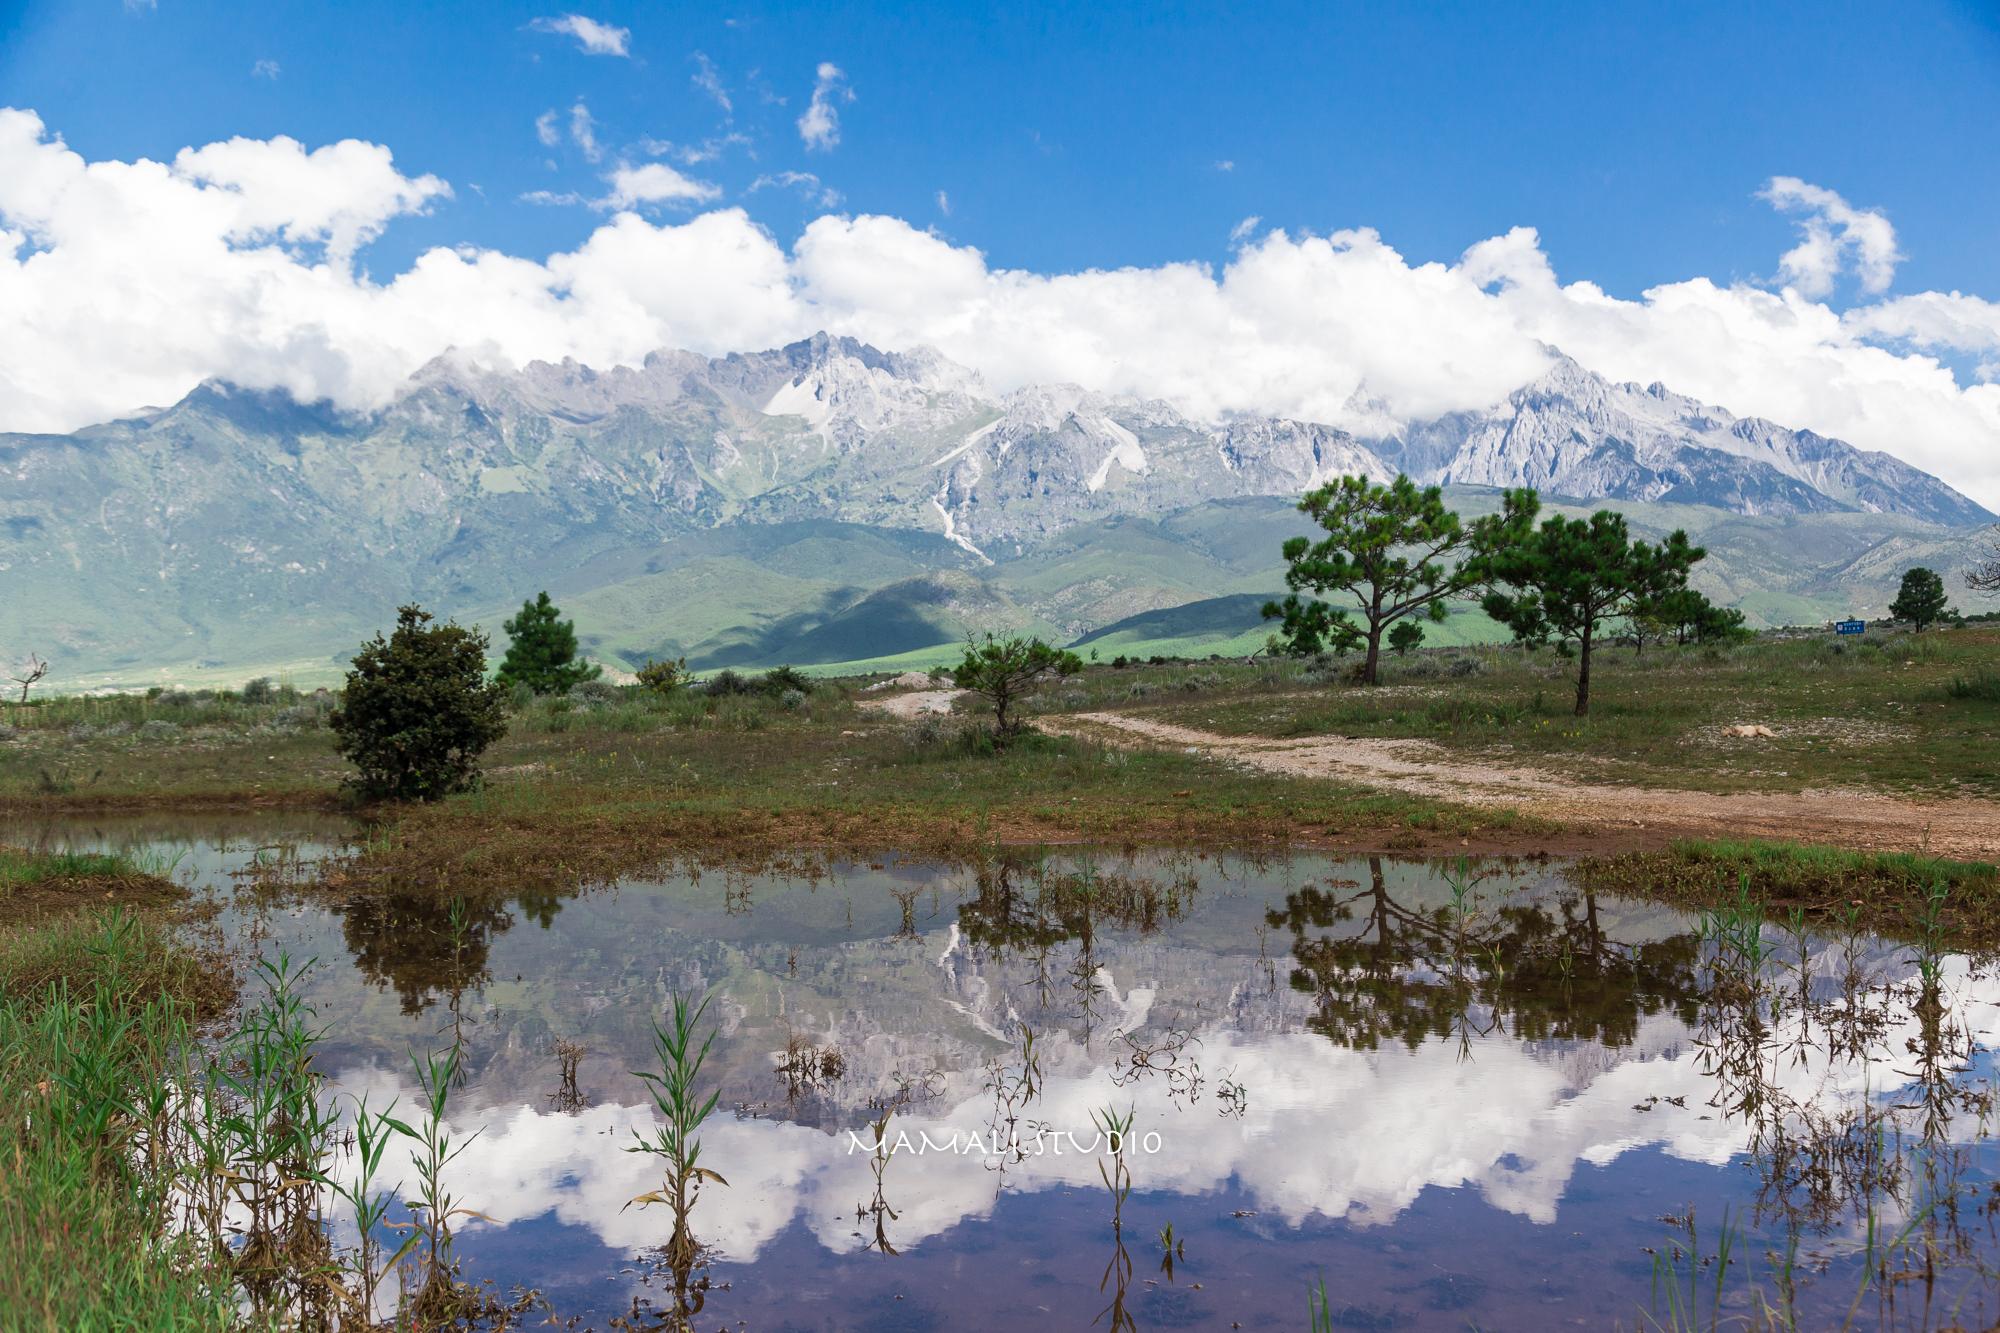 探秘东巴秘境玉龙雪山大峡谷,换一角度看丽江最美高原神山